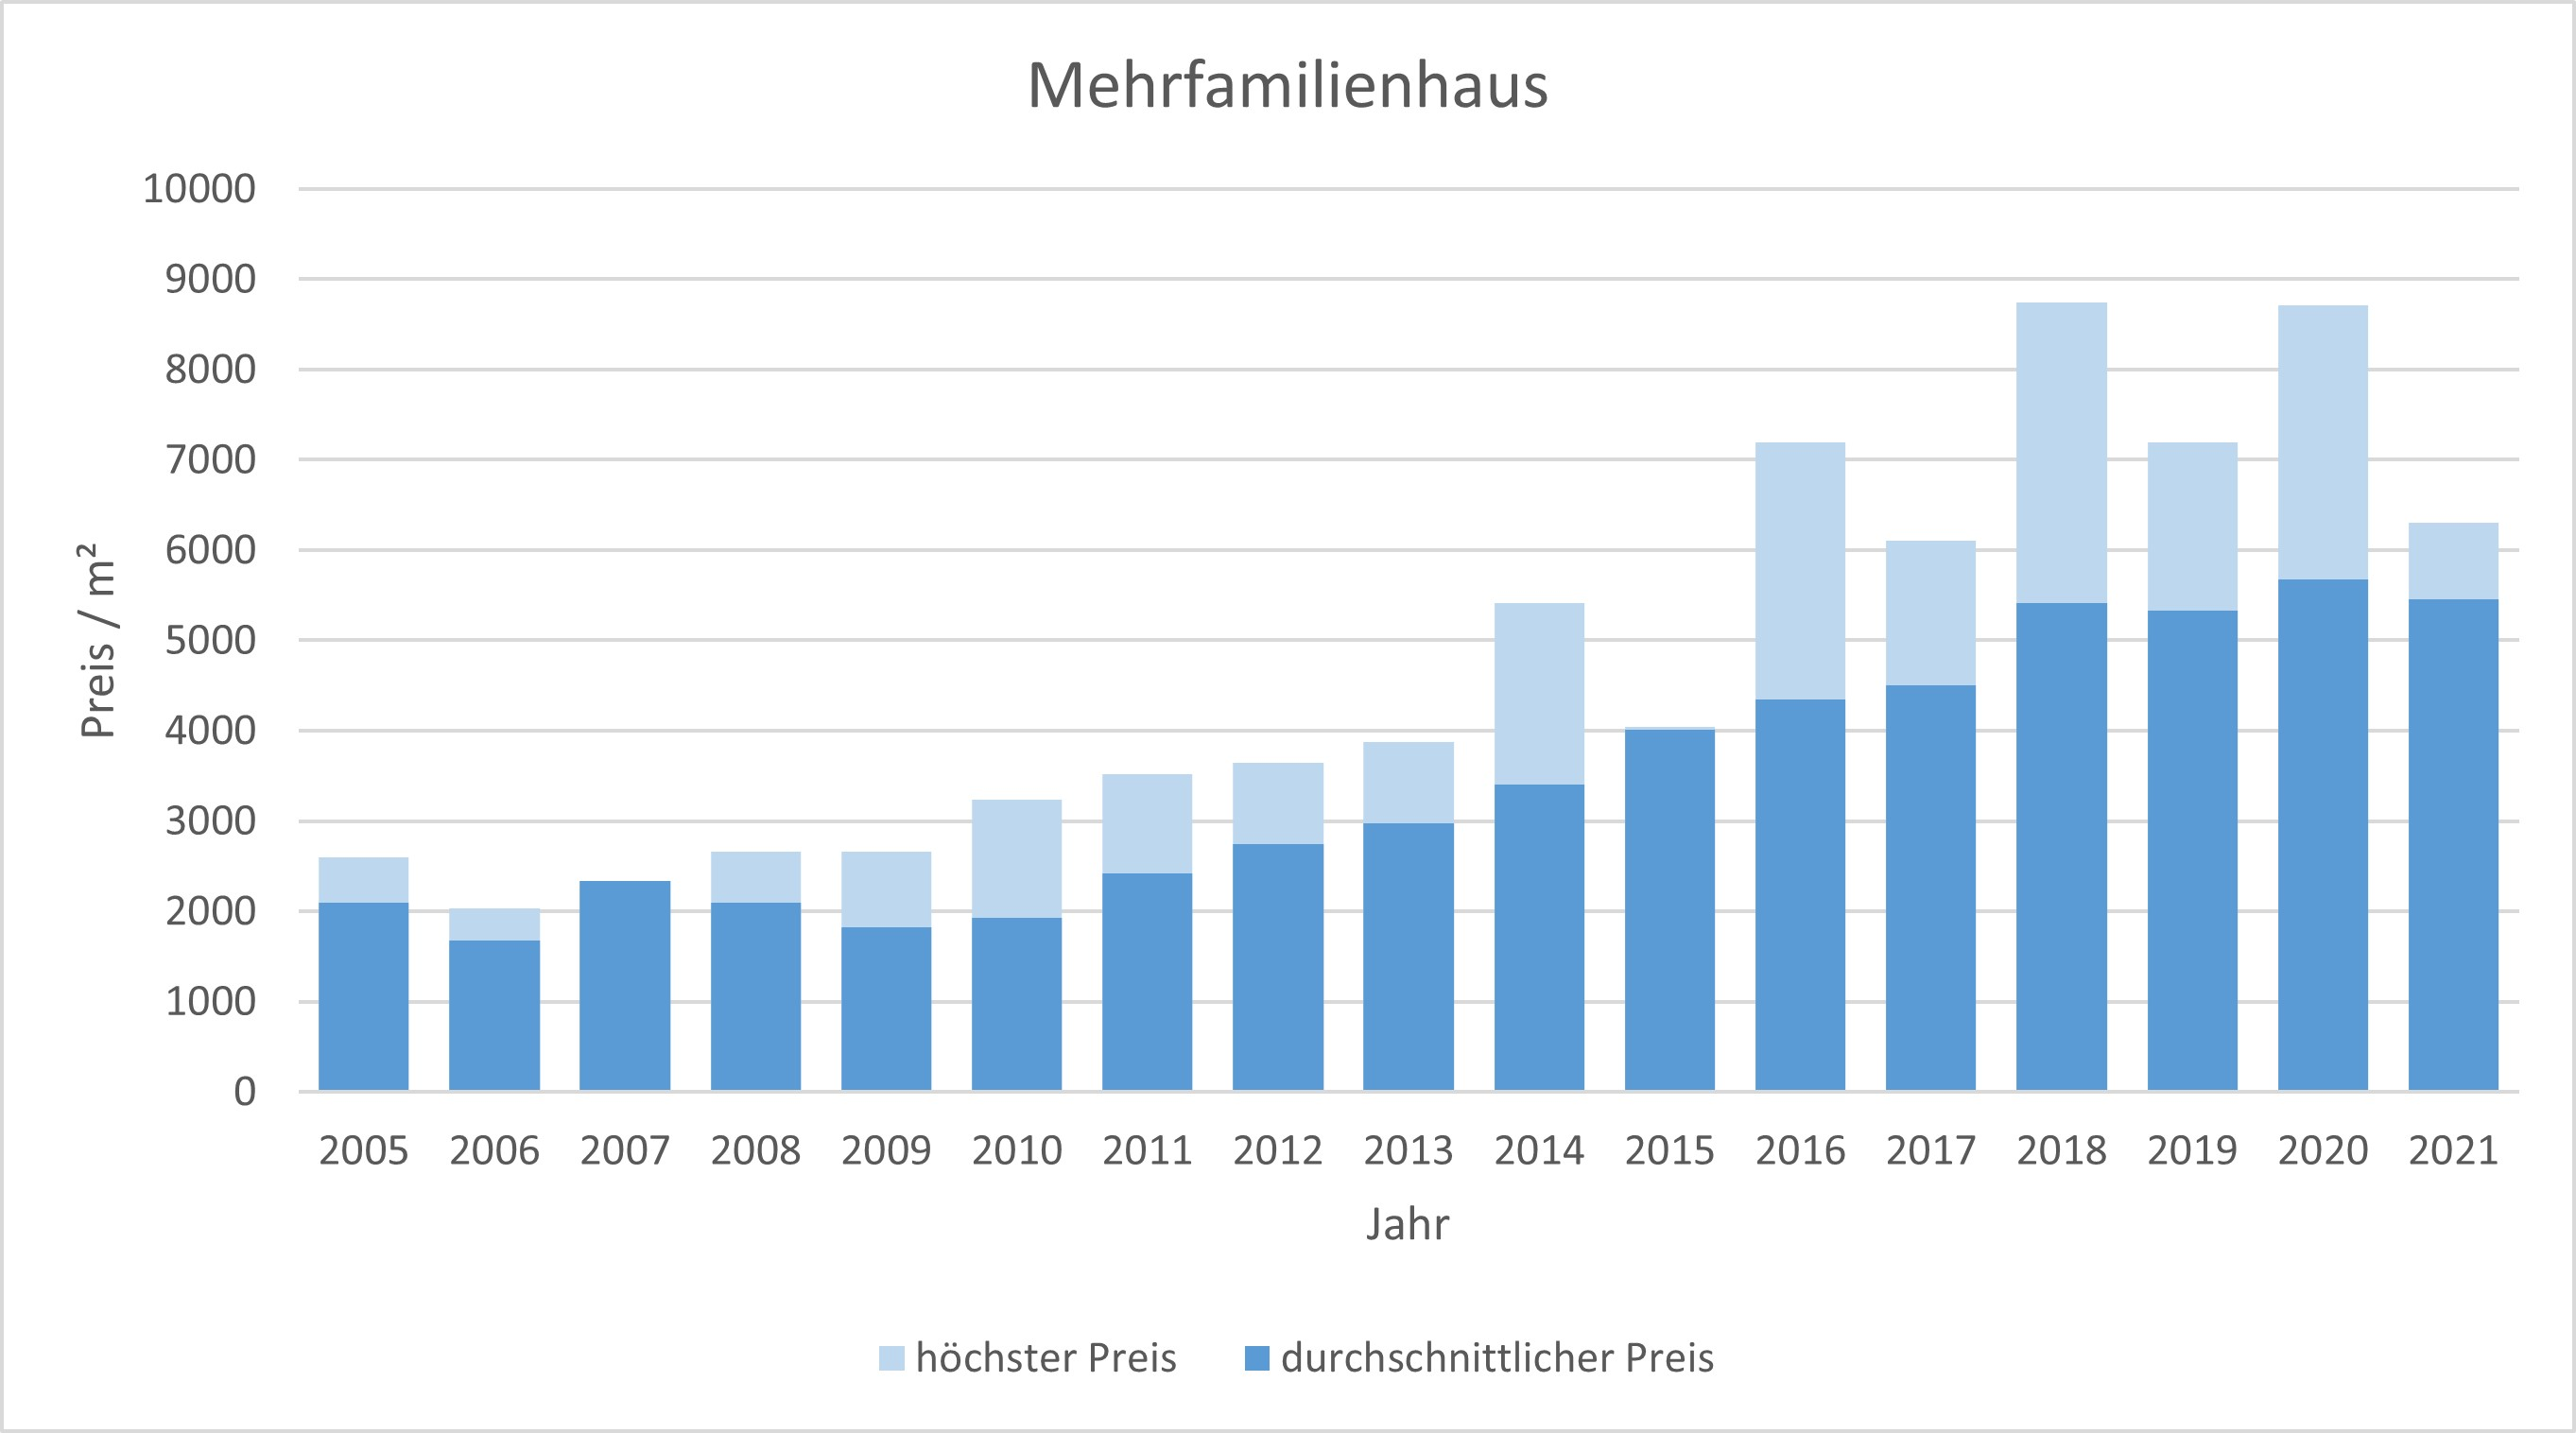 Karlsfeld Mehrfamilienhaus kaufen verkaufen Preis Bewertung Makler 2019 2020 2021  www.happy-immo.de